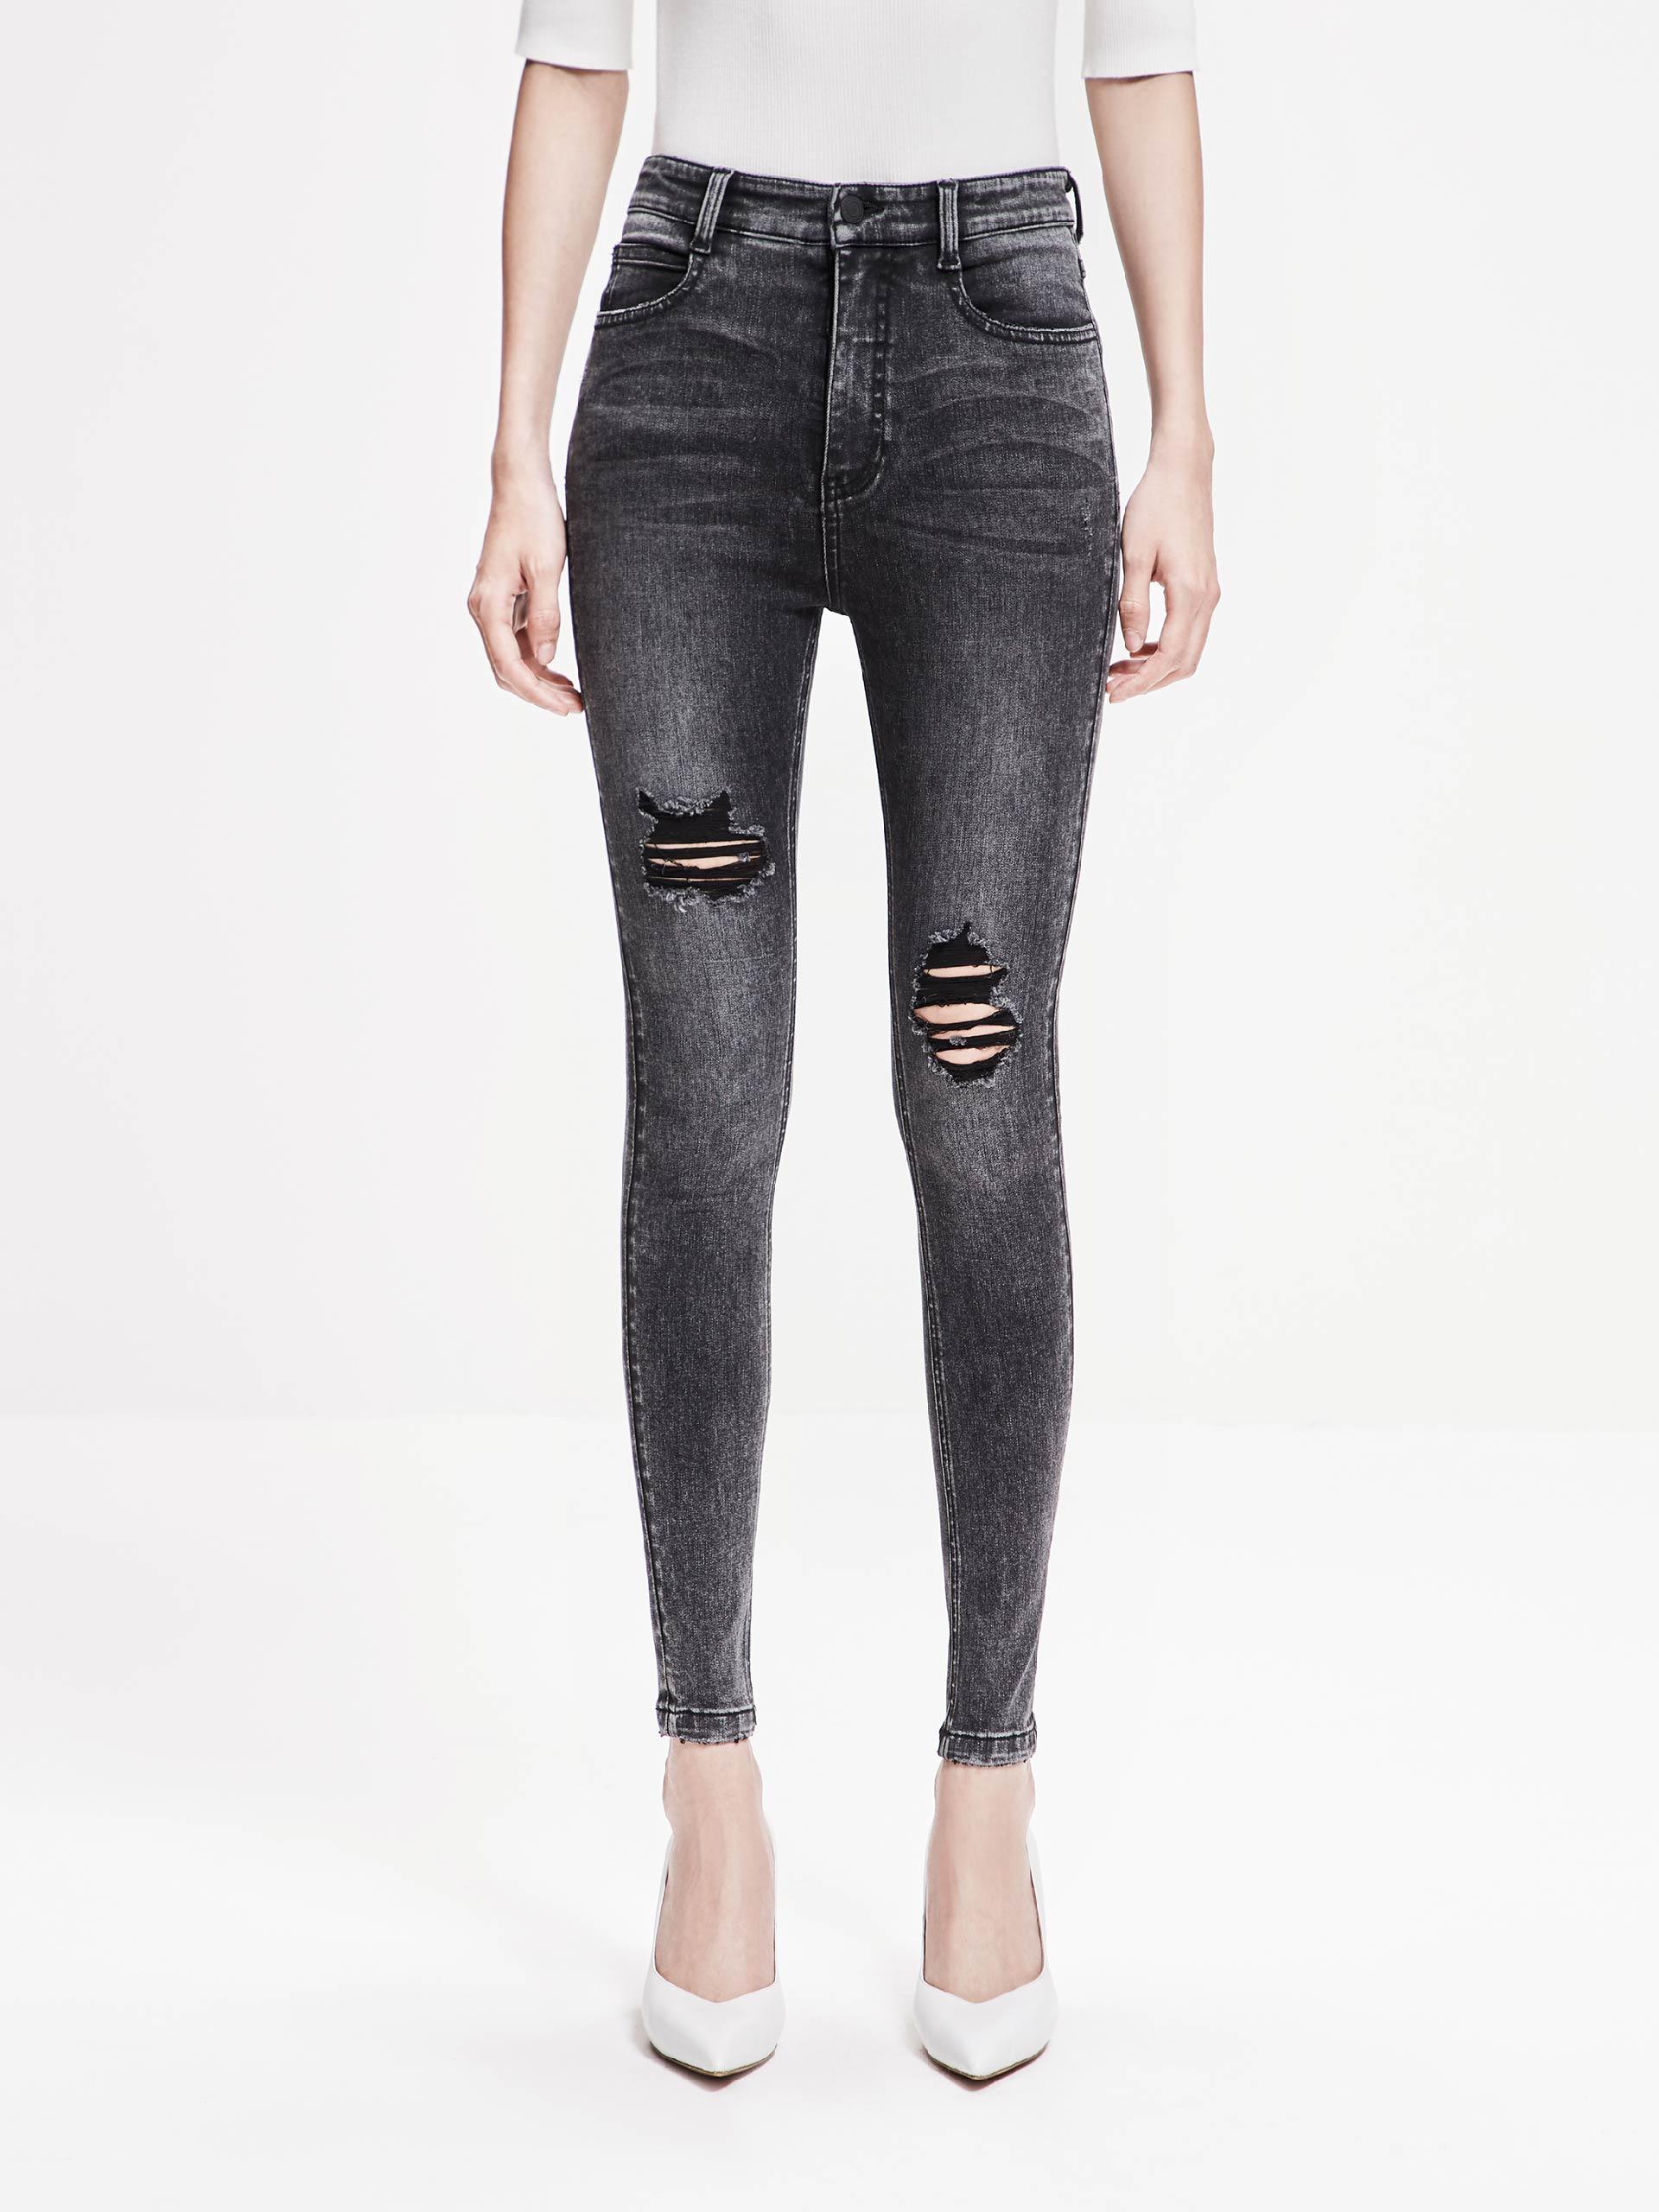 「春季新品」黑色破洞牛仔裤